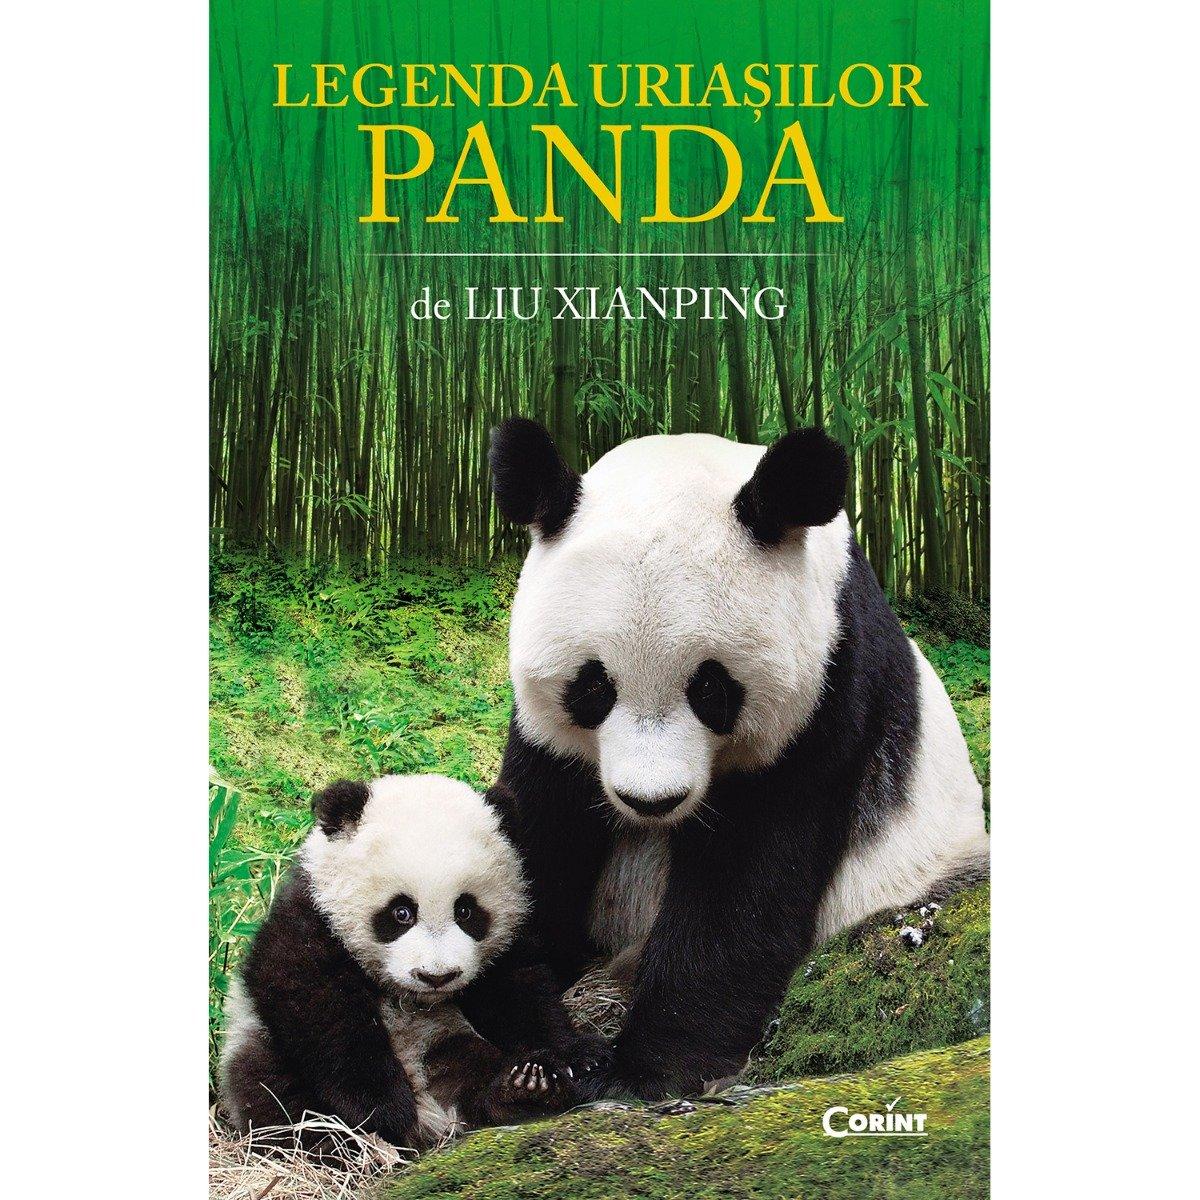 Carte Editura Corint, Legenda uriasilor panda, Liu Xianping